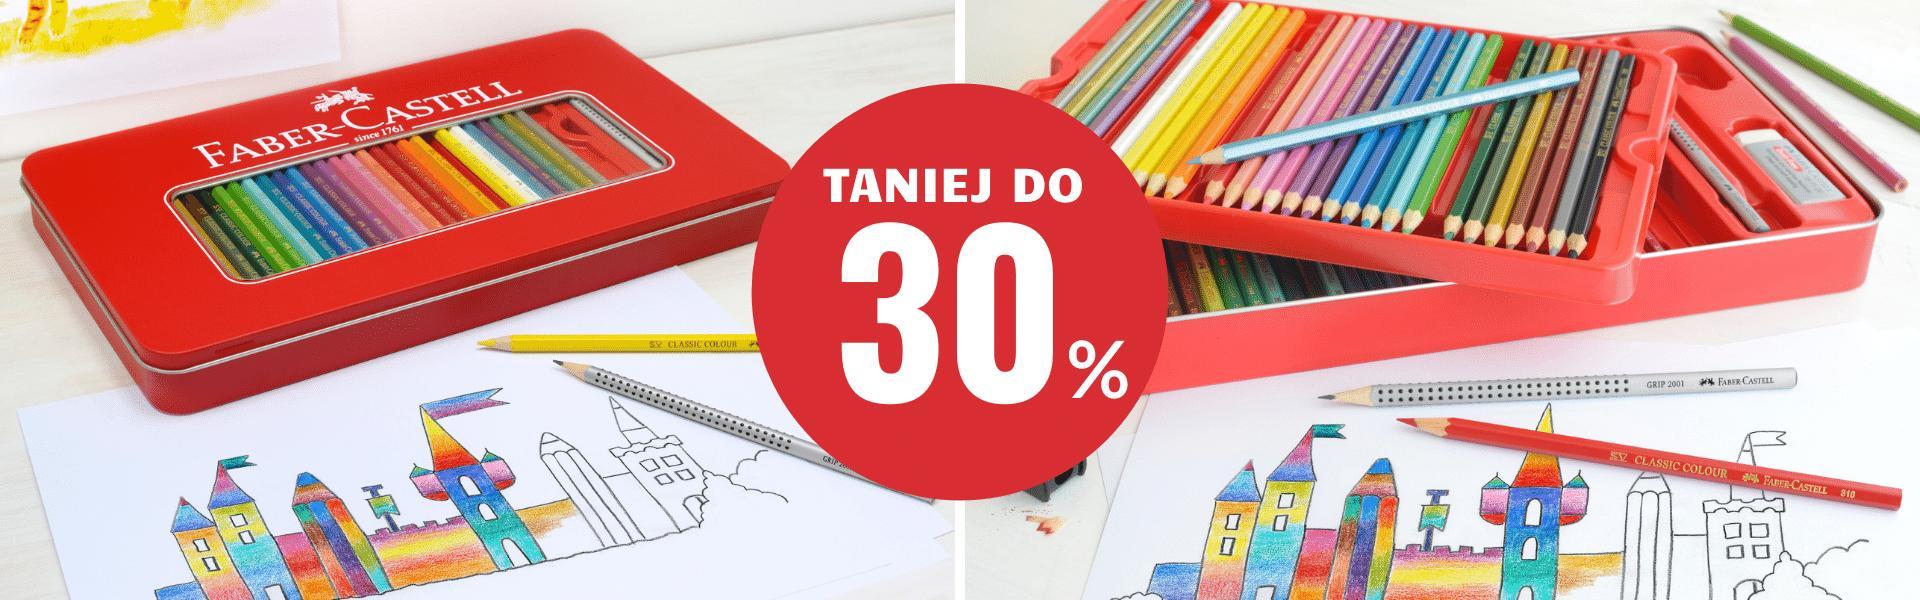 Autoryzowany sklep FABER-CASTELL: do 30% zniżki na kredki marki Faber Castell